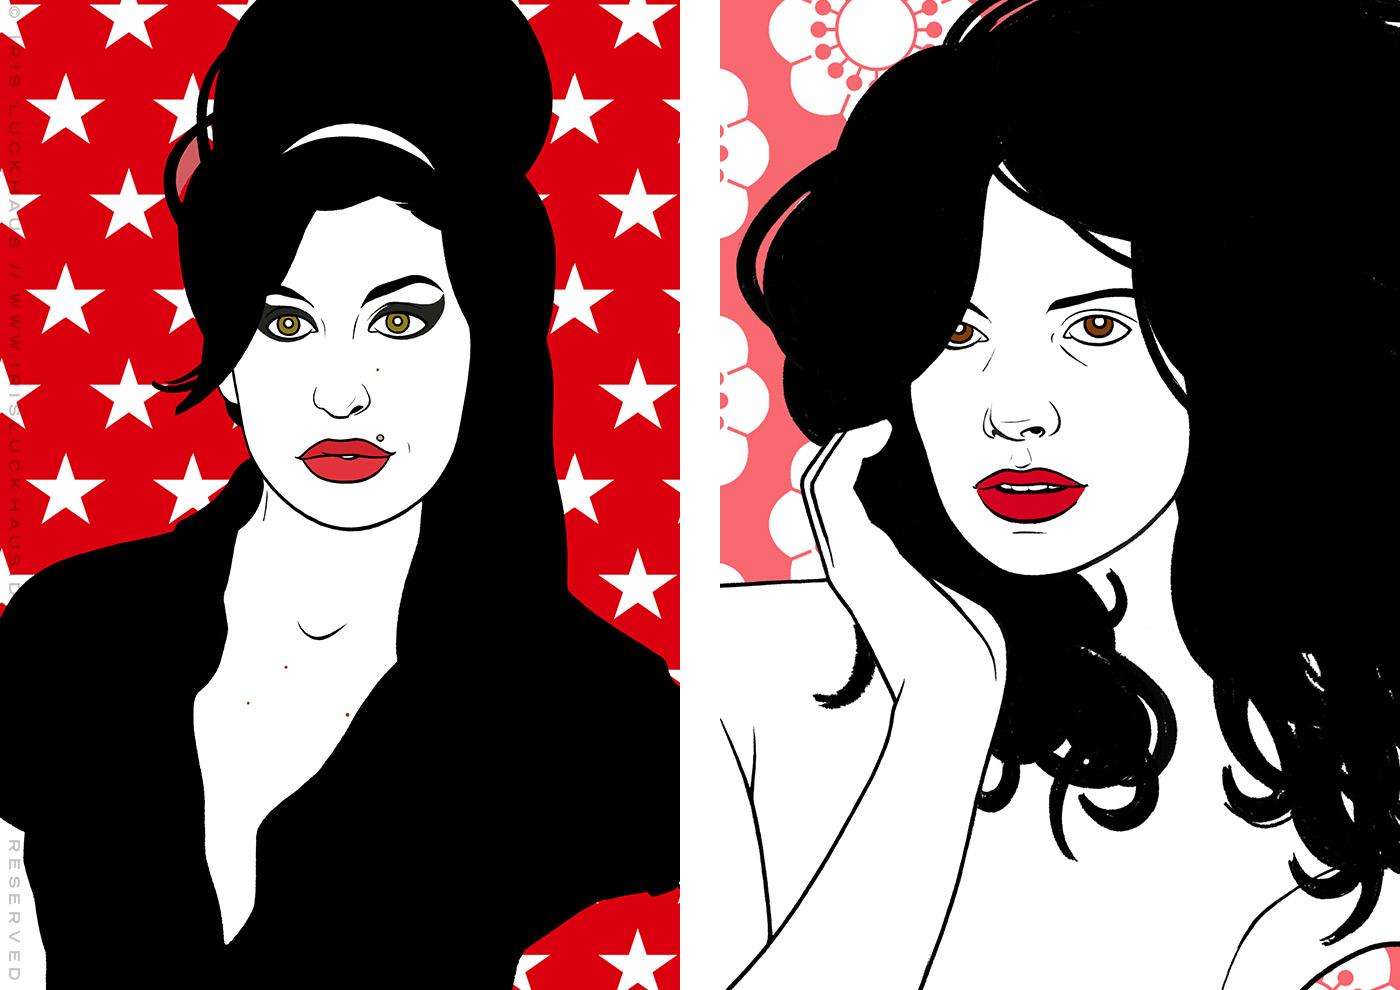 Comic Popart Retro Tusche Zeichnung mit Portraits von Heldinnen der Sixties wie Amy Winehouse und Uschi Obermaier